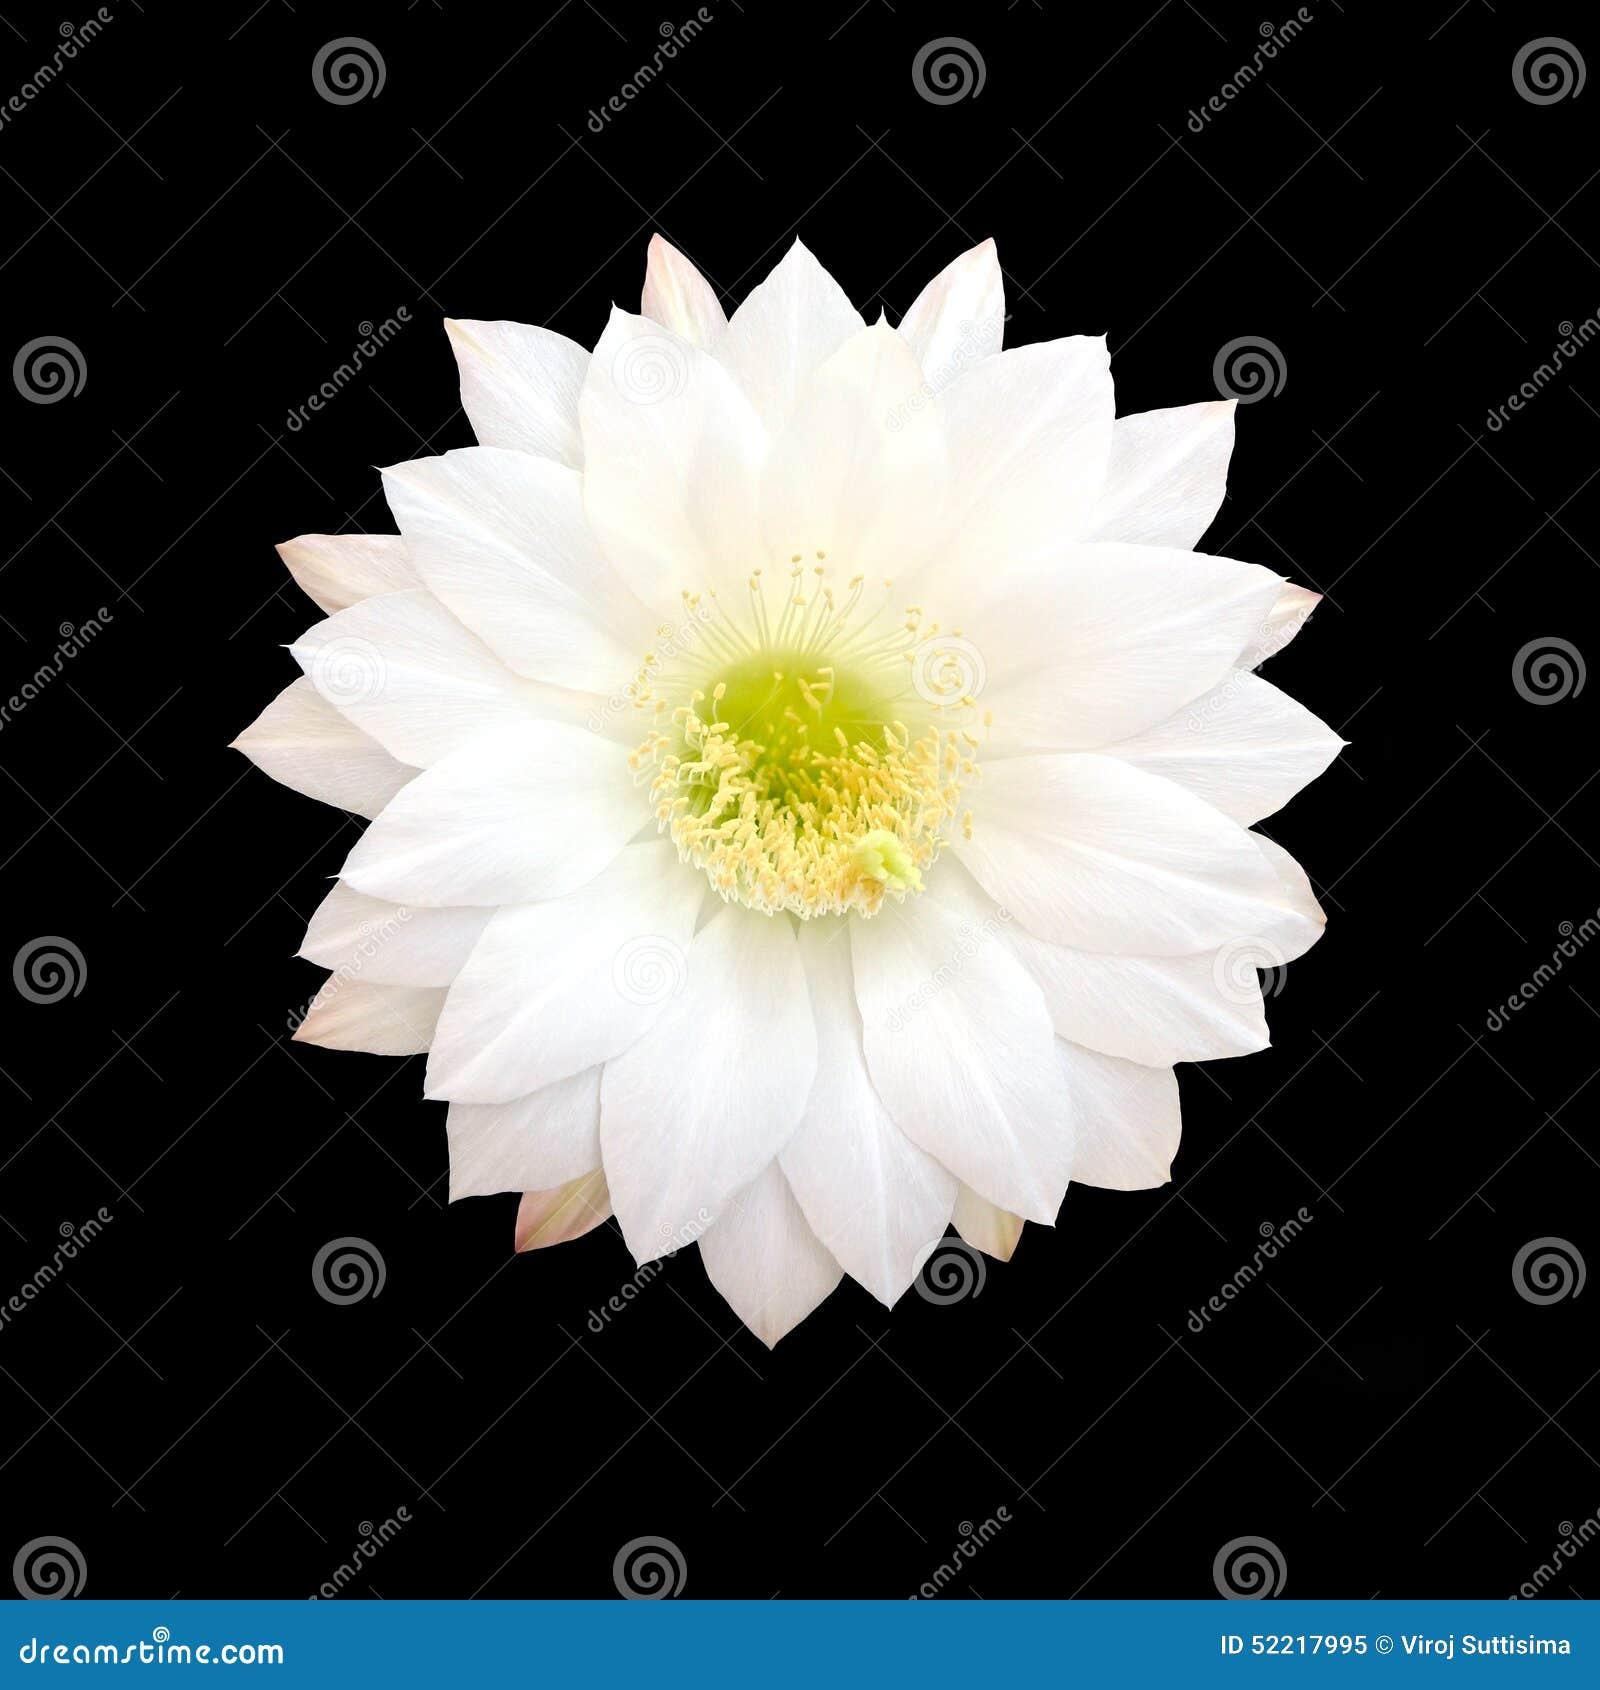 White Cactus Flower Isolated On Black Background Stock Photo